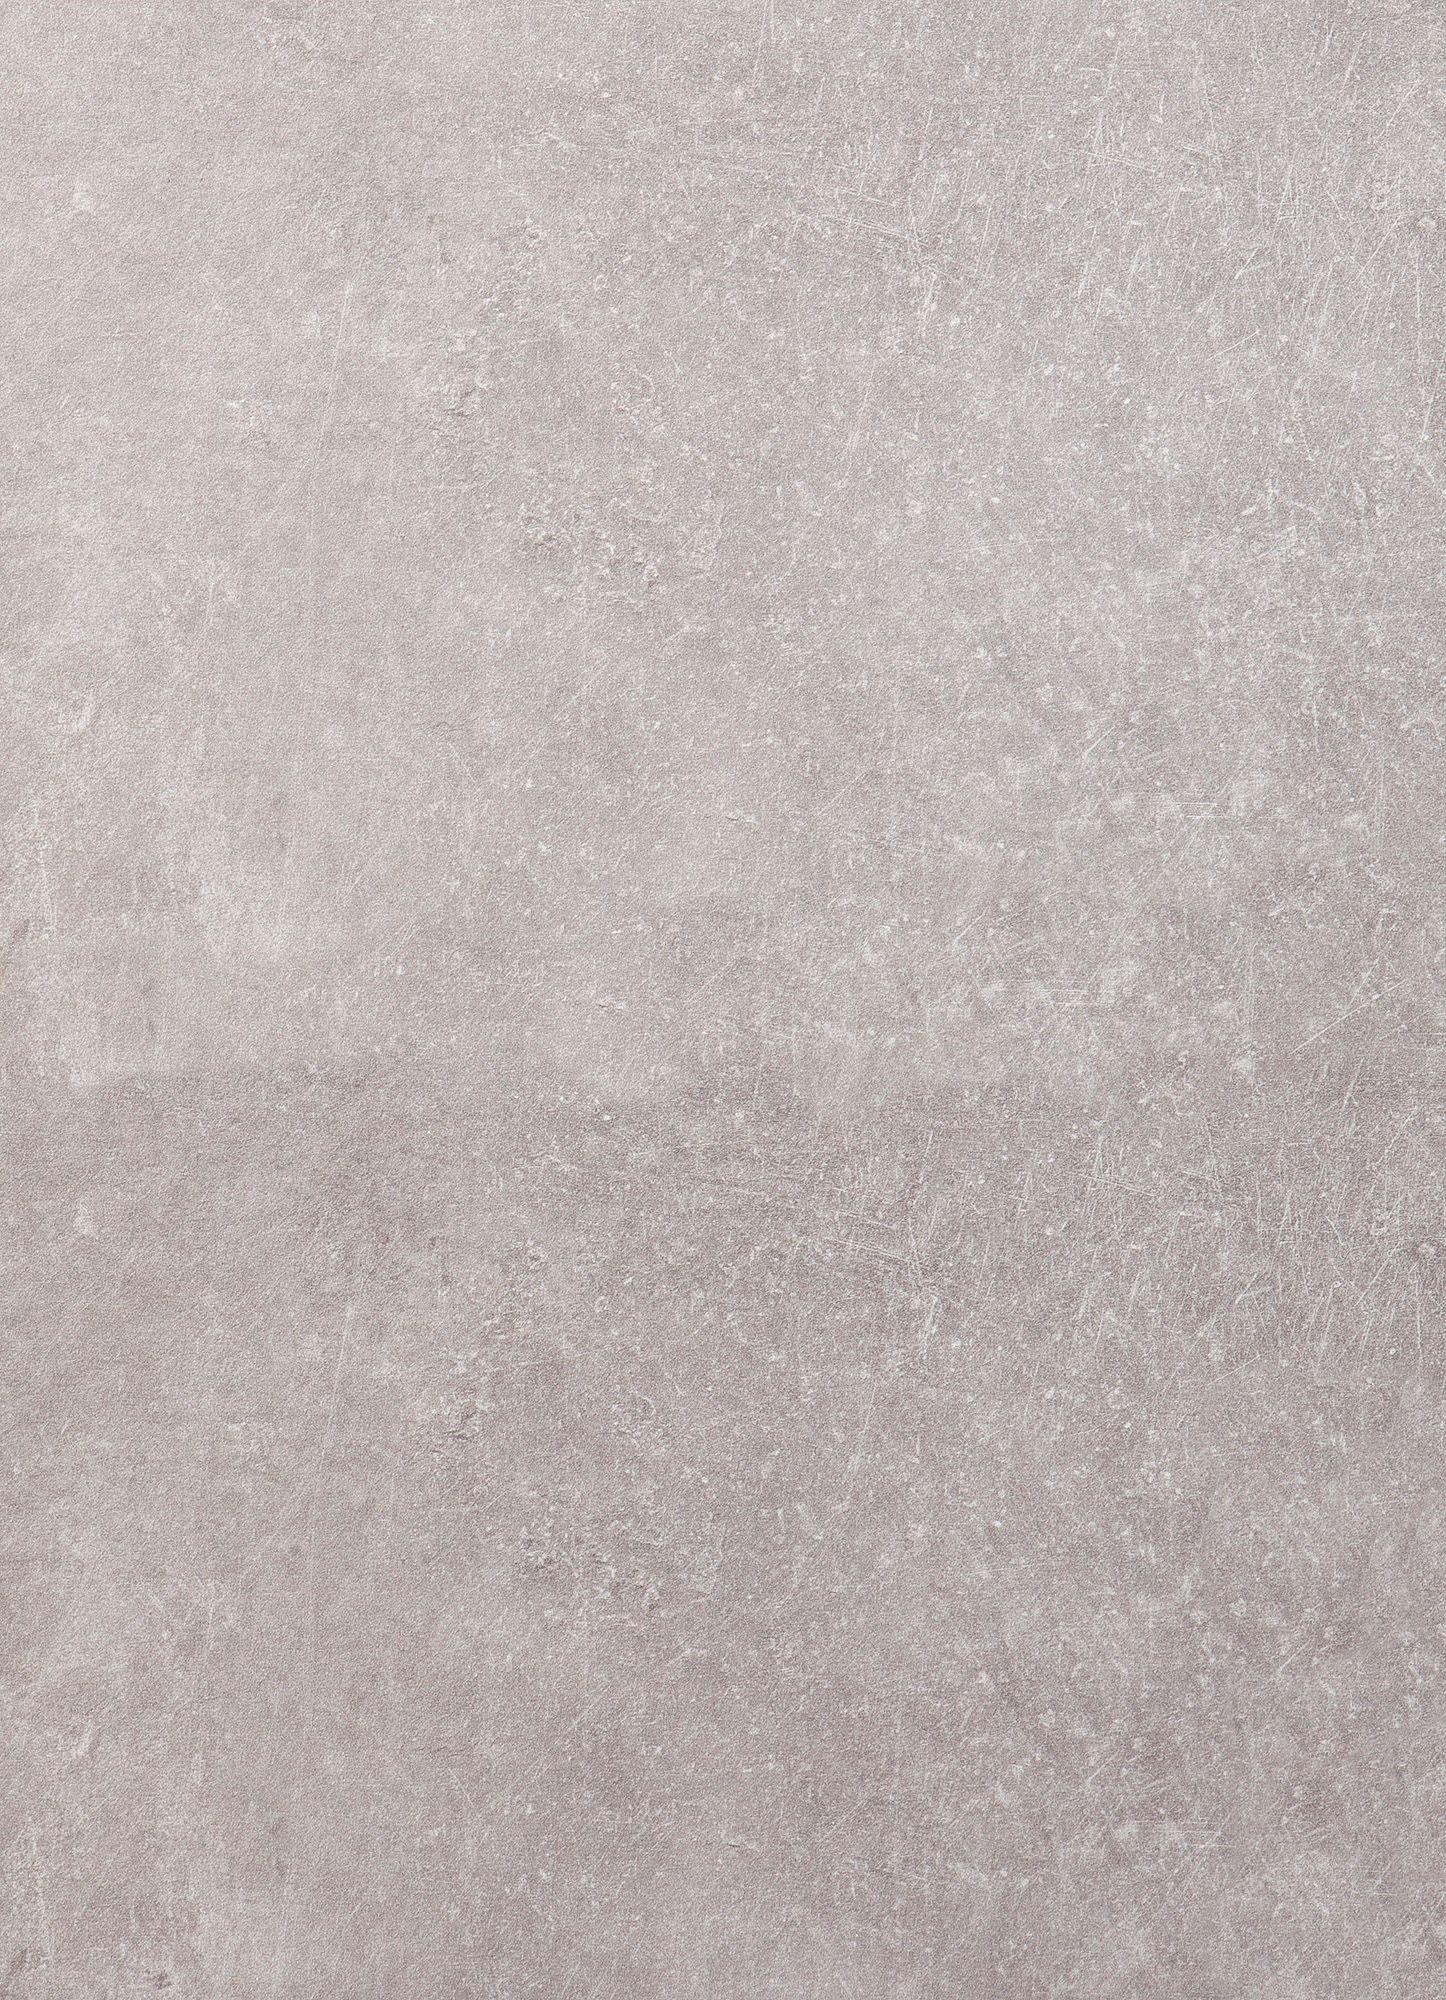 gepolierd beton specialist in kurk en kurkvloeren kurkfabriek